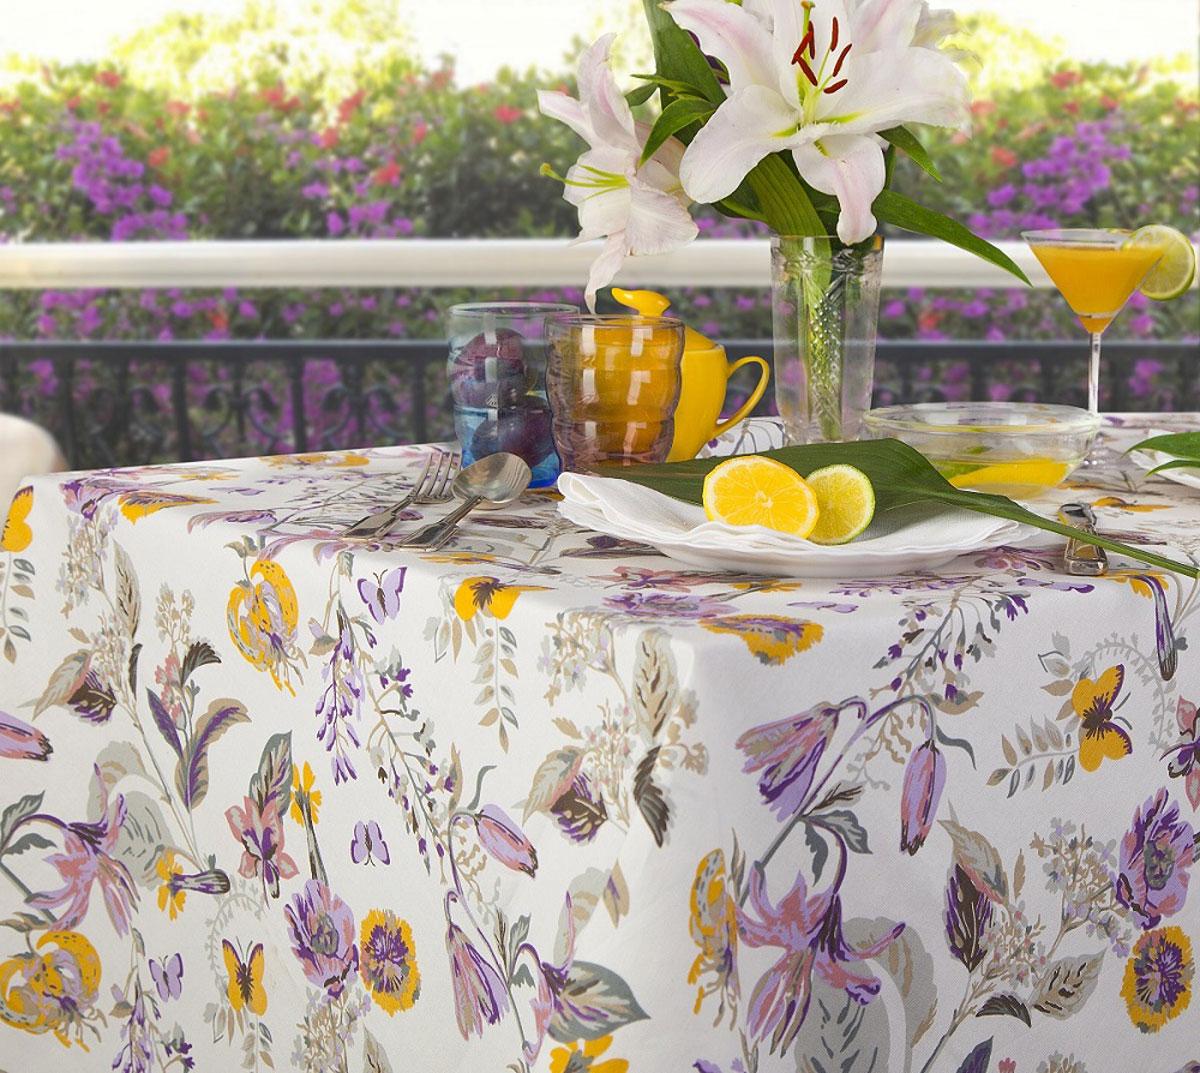 Скатерть Bonita Тропикана, прямоугольная, 150 х 180 см10010816822Великолепная скатерть Bonita, изготовленная из натурального хлопка, создаст атмосферу уюта и домашнего тепла в интерьере вашей кухни. Скатерть органично впишется в интерьер любого помещения, а оригинальный мотив удовлетворит даже самый изысканный вкус.